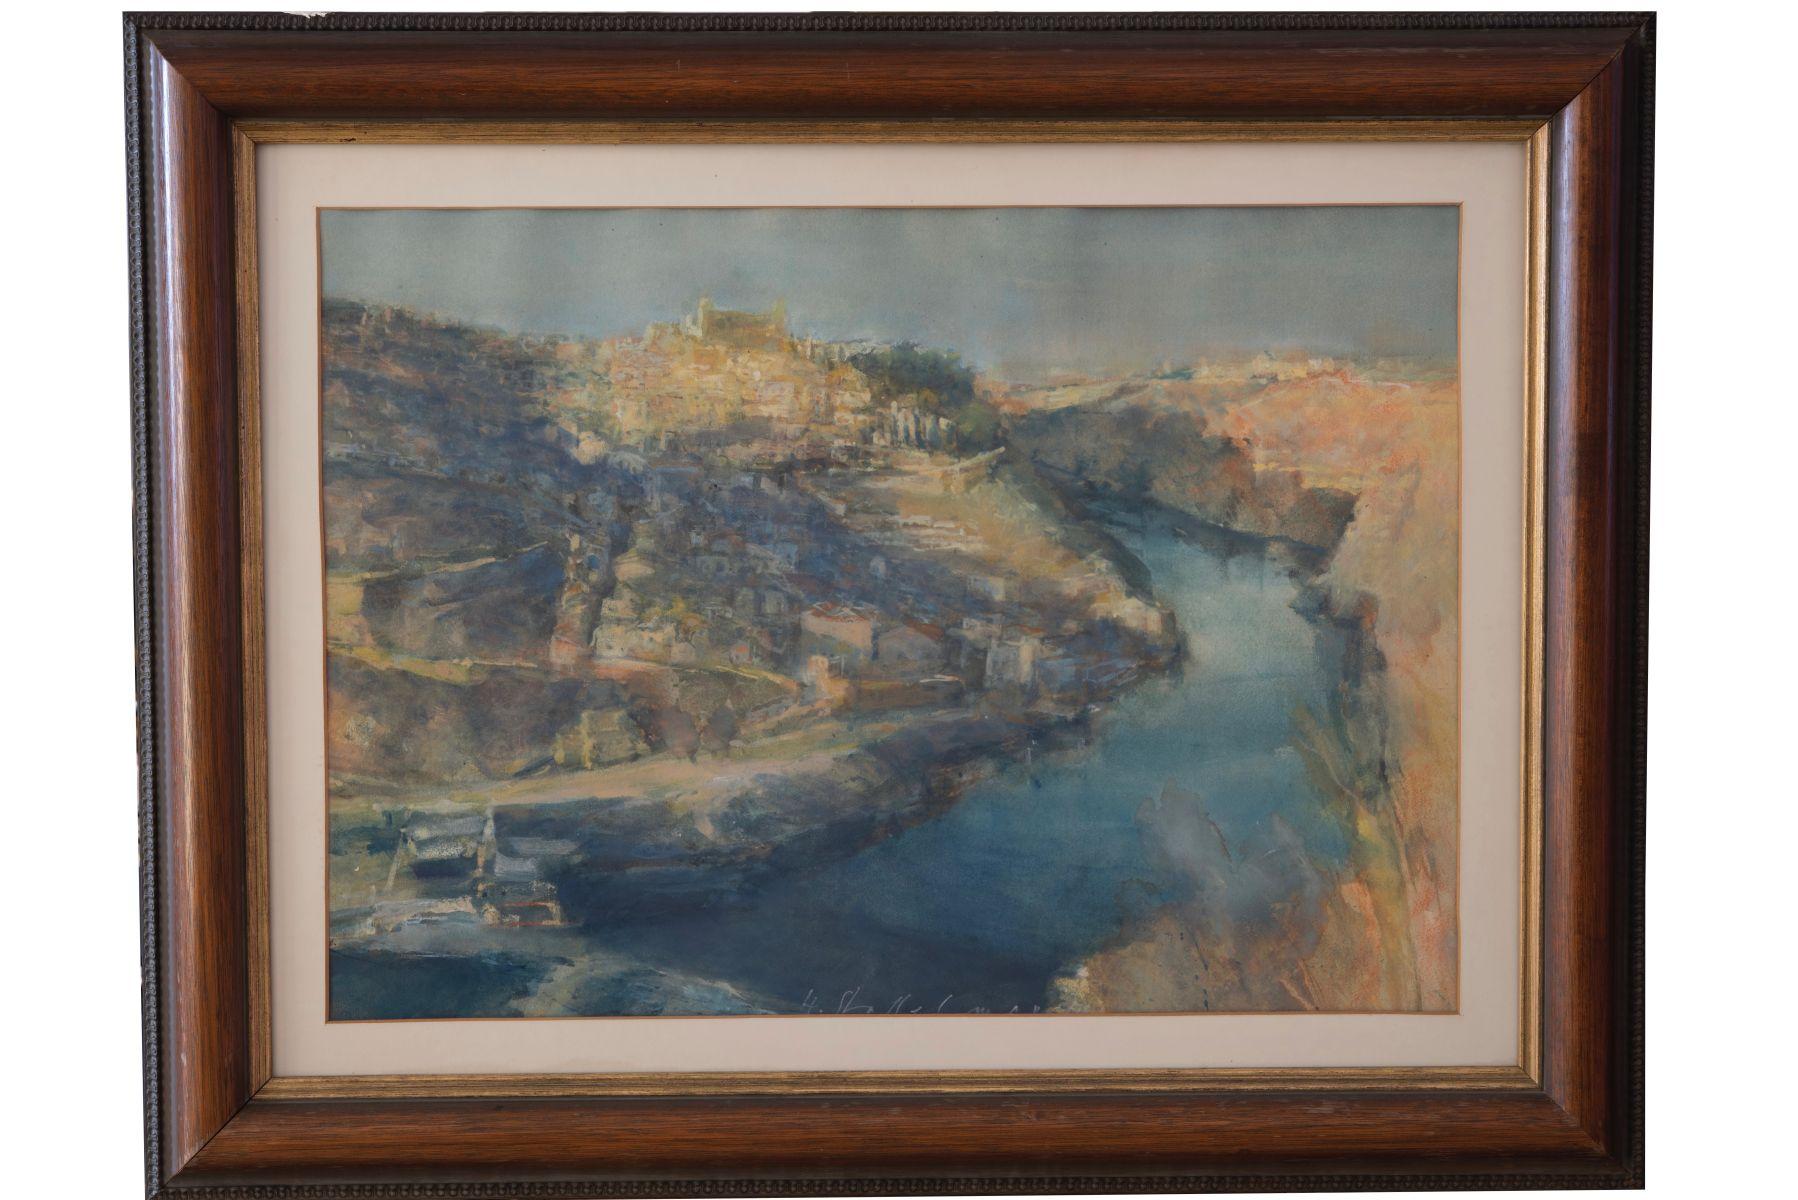 #124 Heinz Staffelmayr (1939–2018), Michelangelo on the Beach, 1977   Heinz Staffelmayr (1939–2018), Michelangelo am Strand, 1977 Image